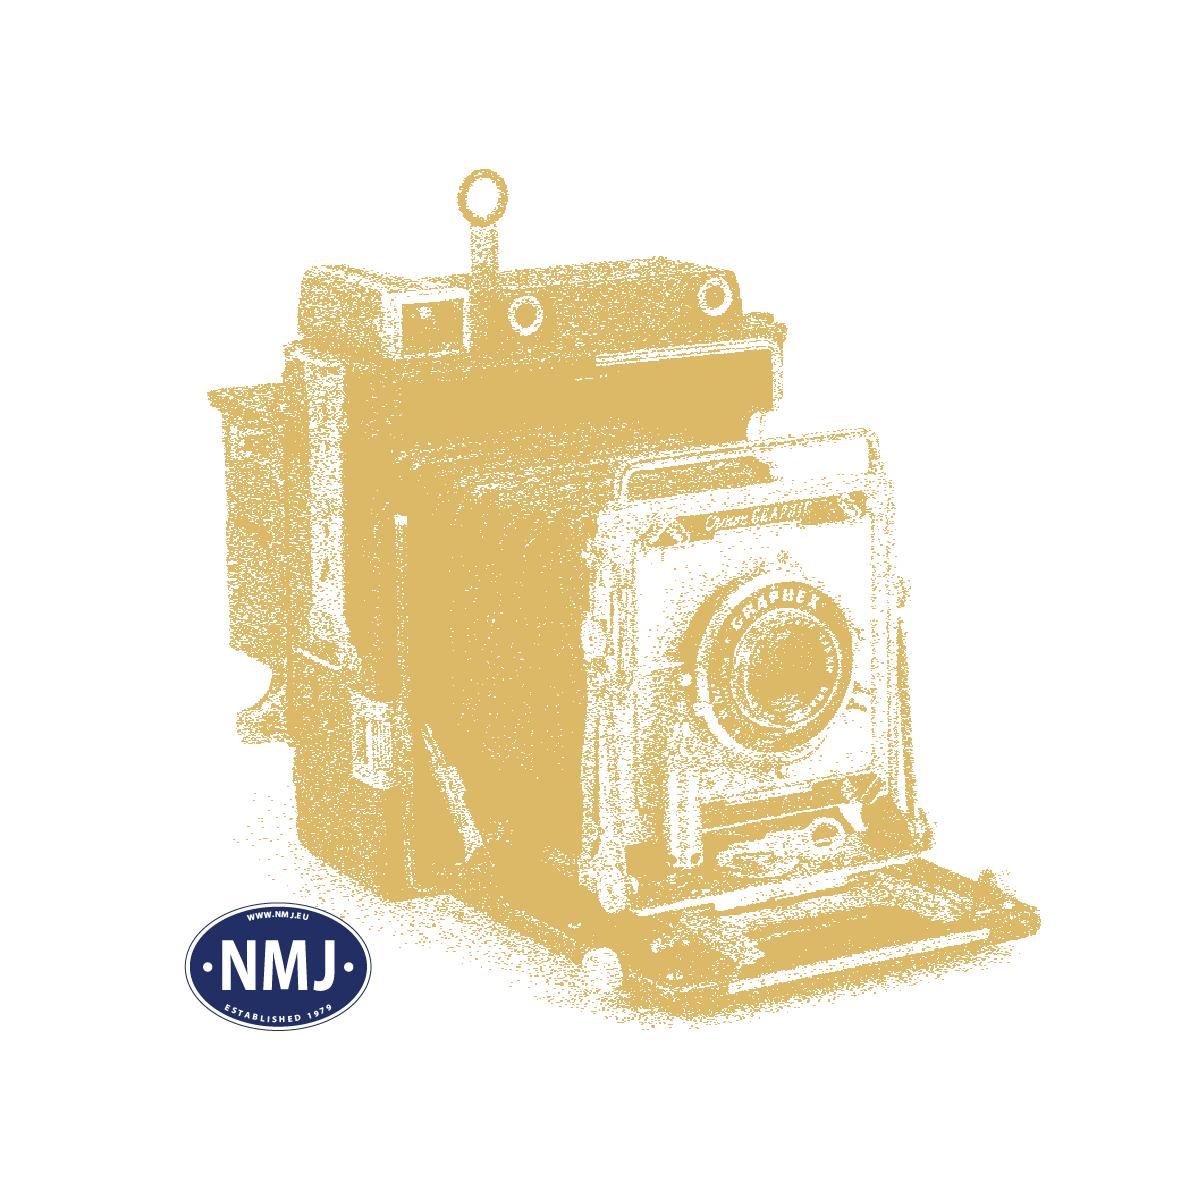 WEL54011099 - Tinnsuger